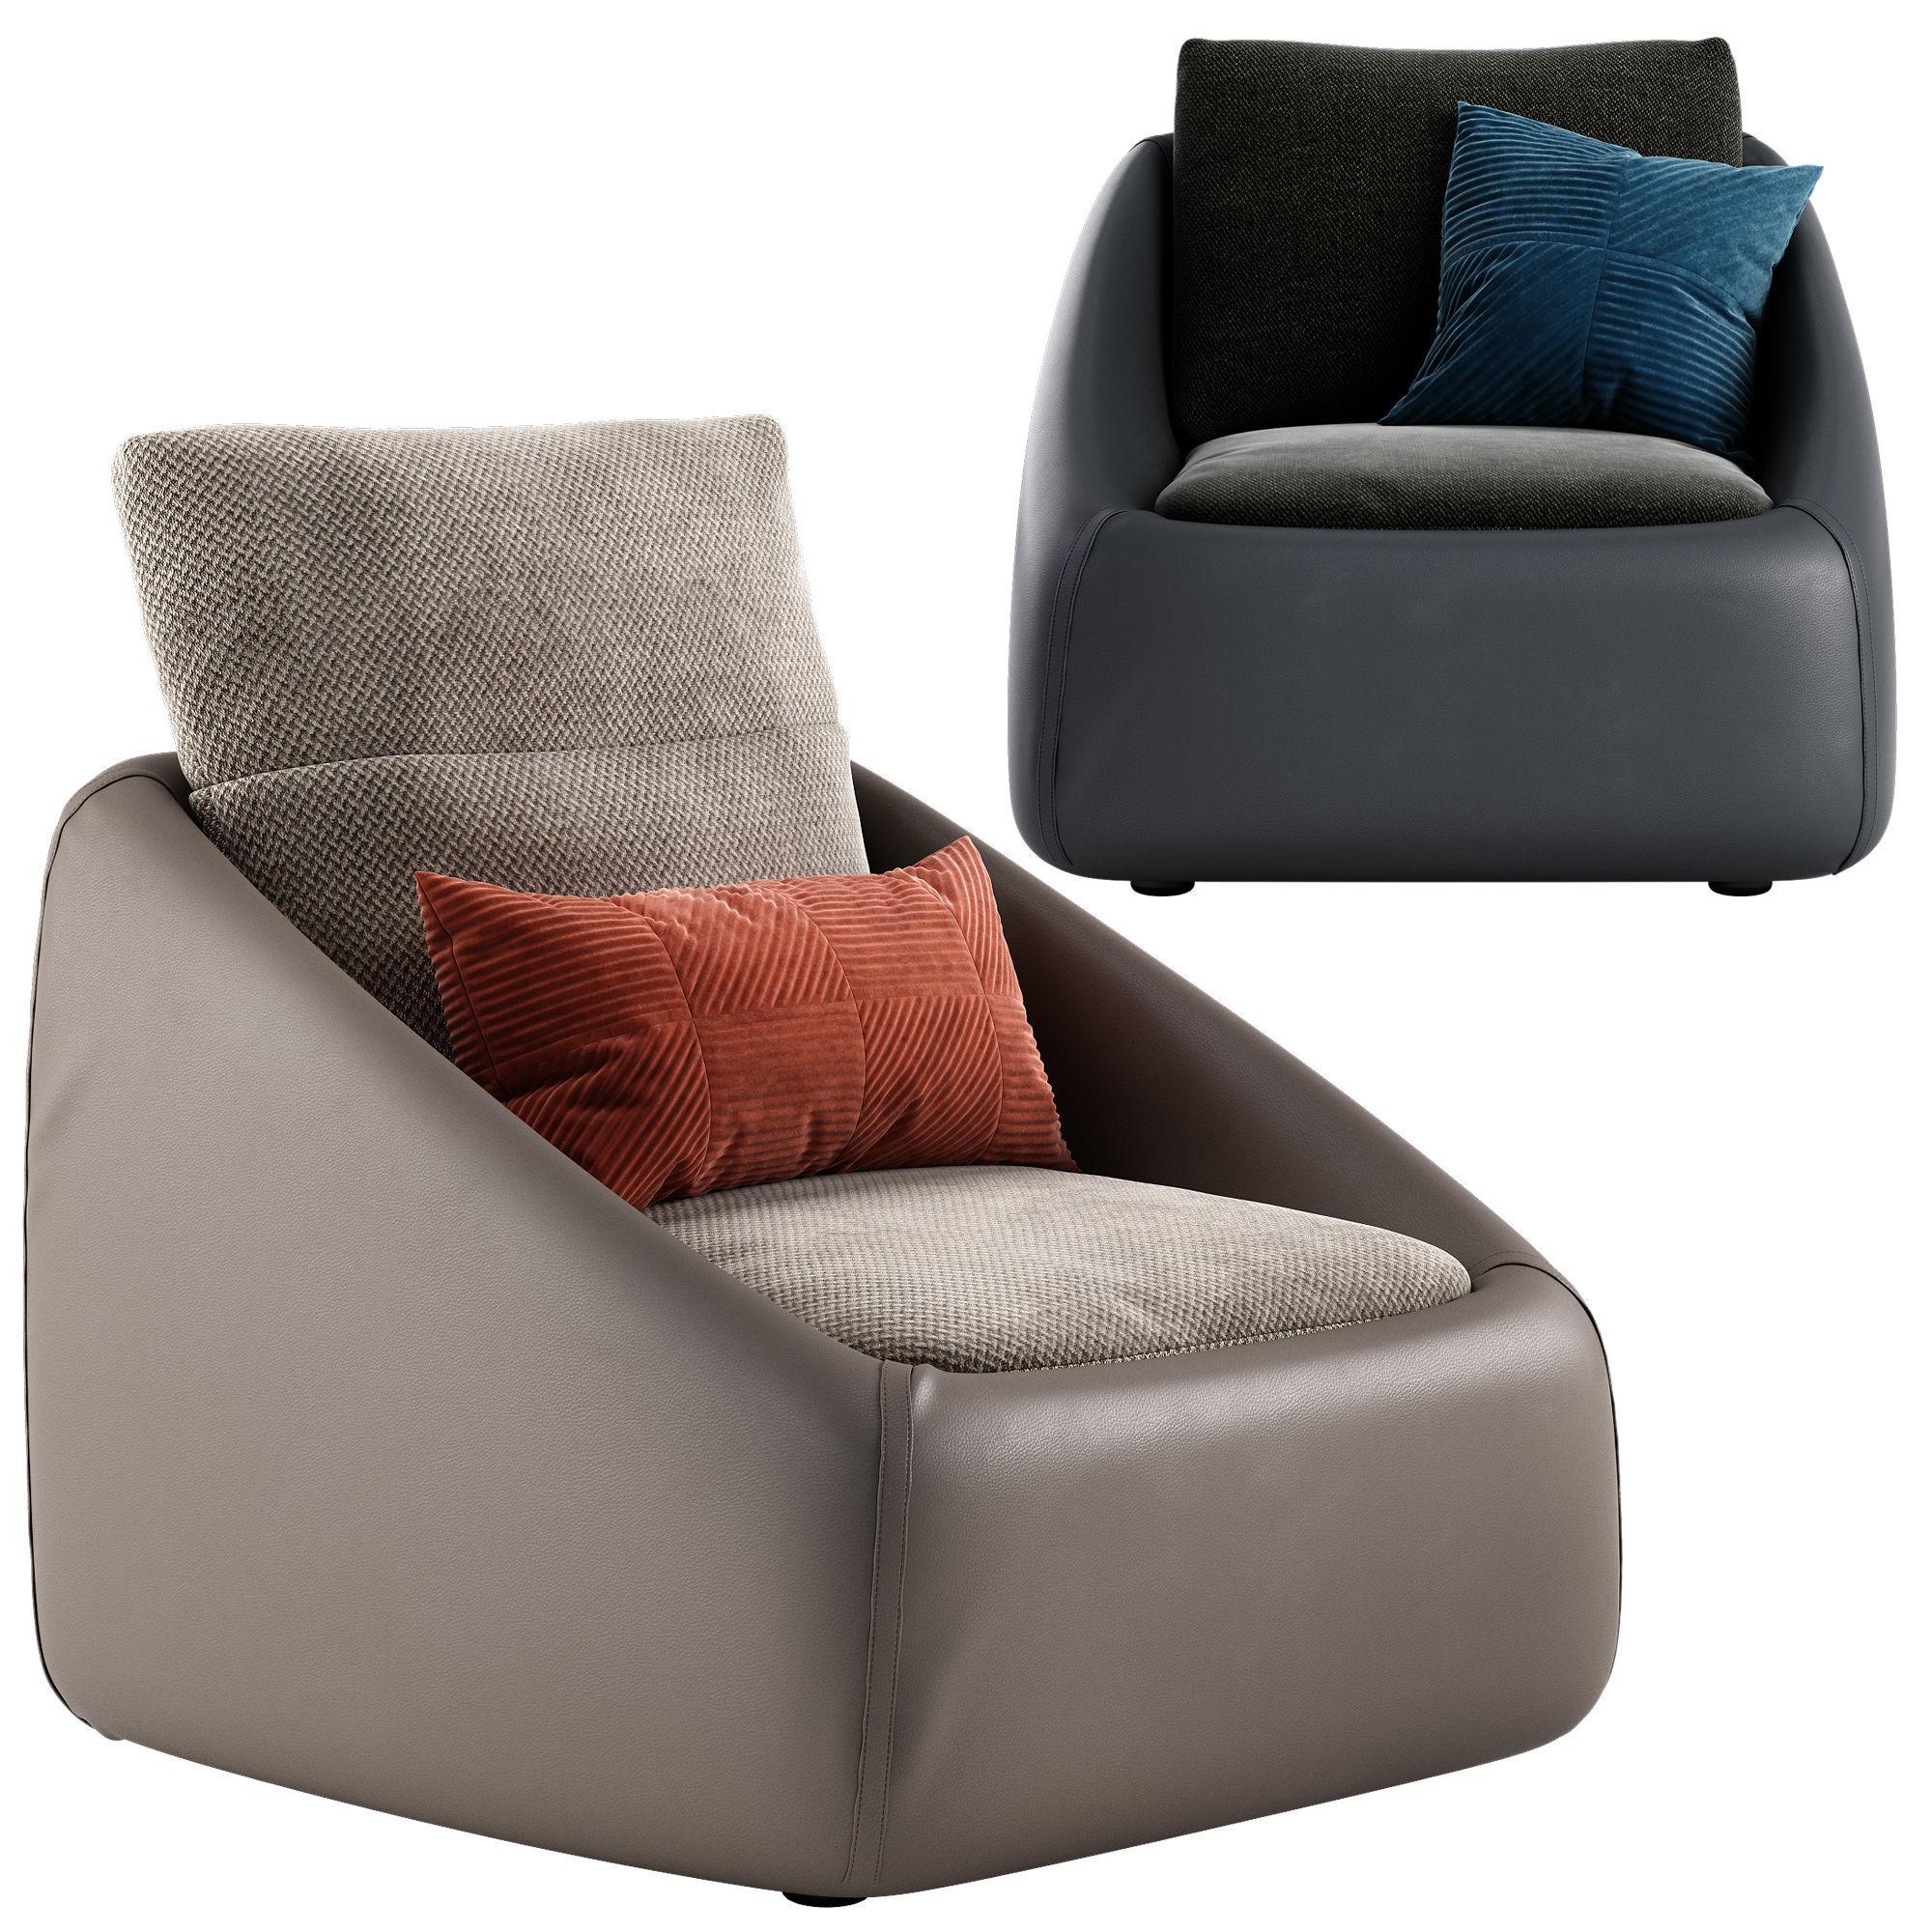 Ditre italia Bend armchair